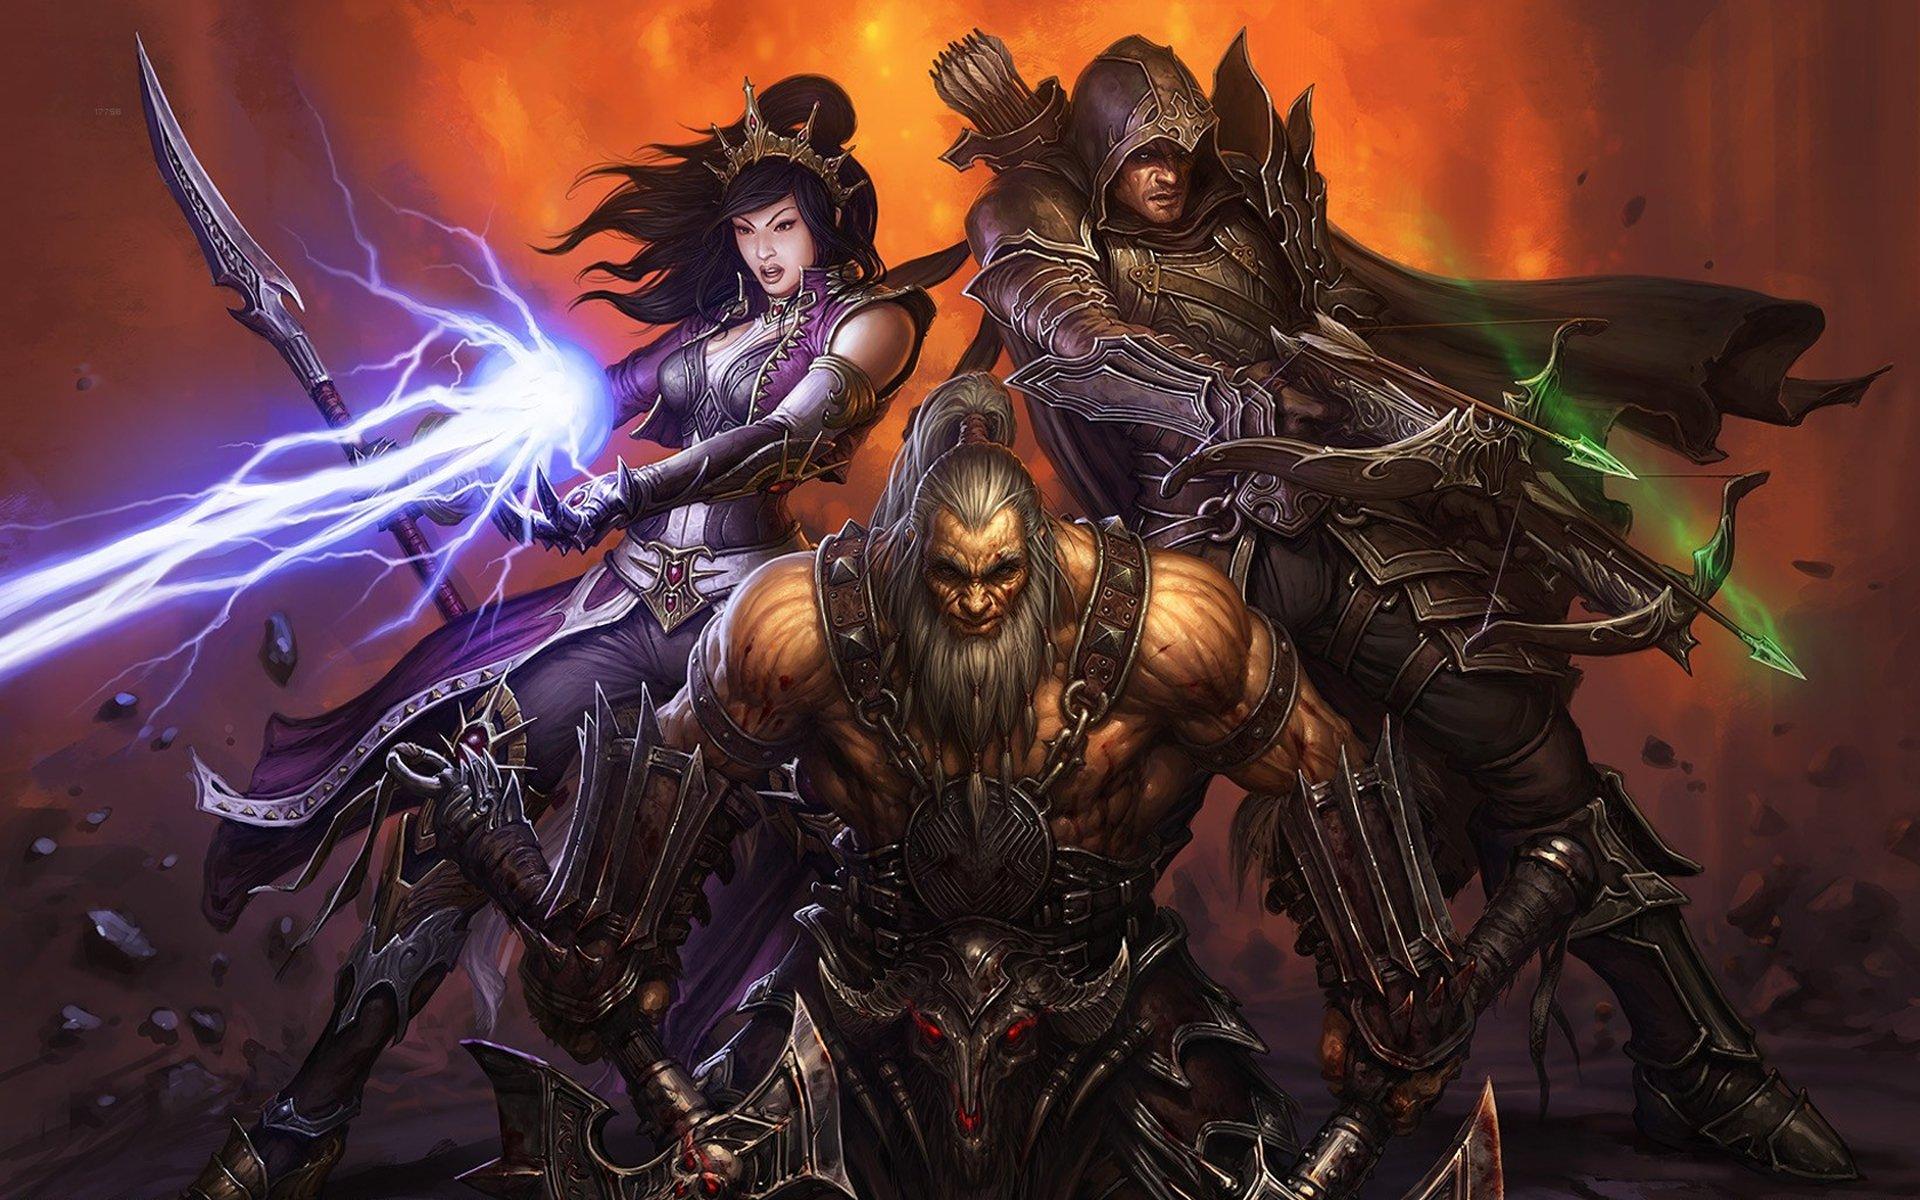 Diablo III разошлась тиражом более 14 млн копий - Изображение 1